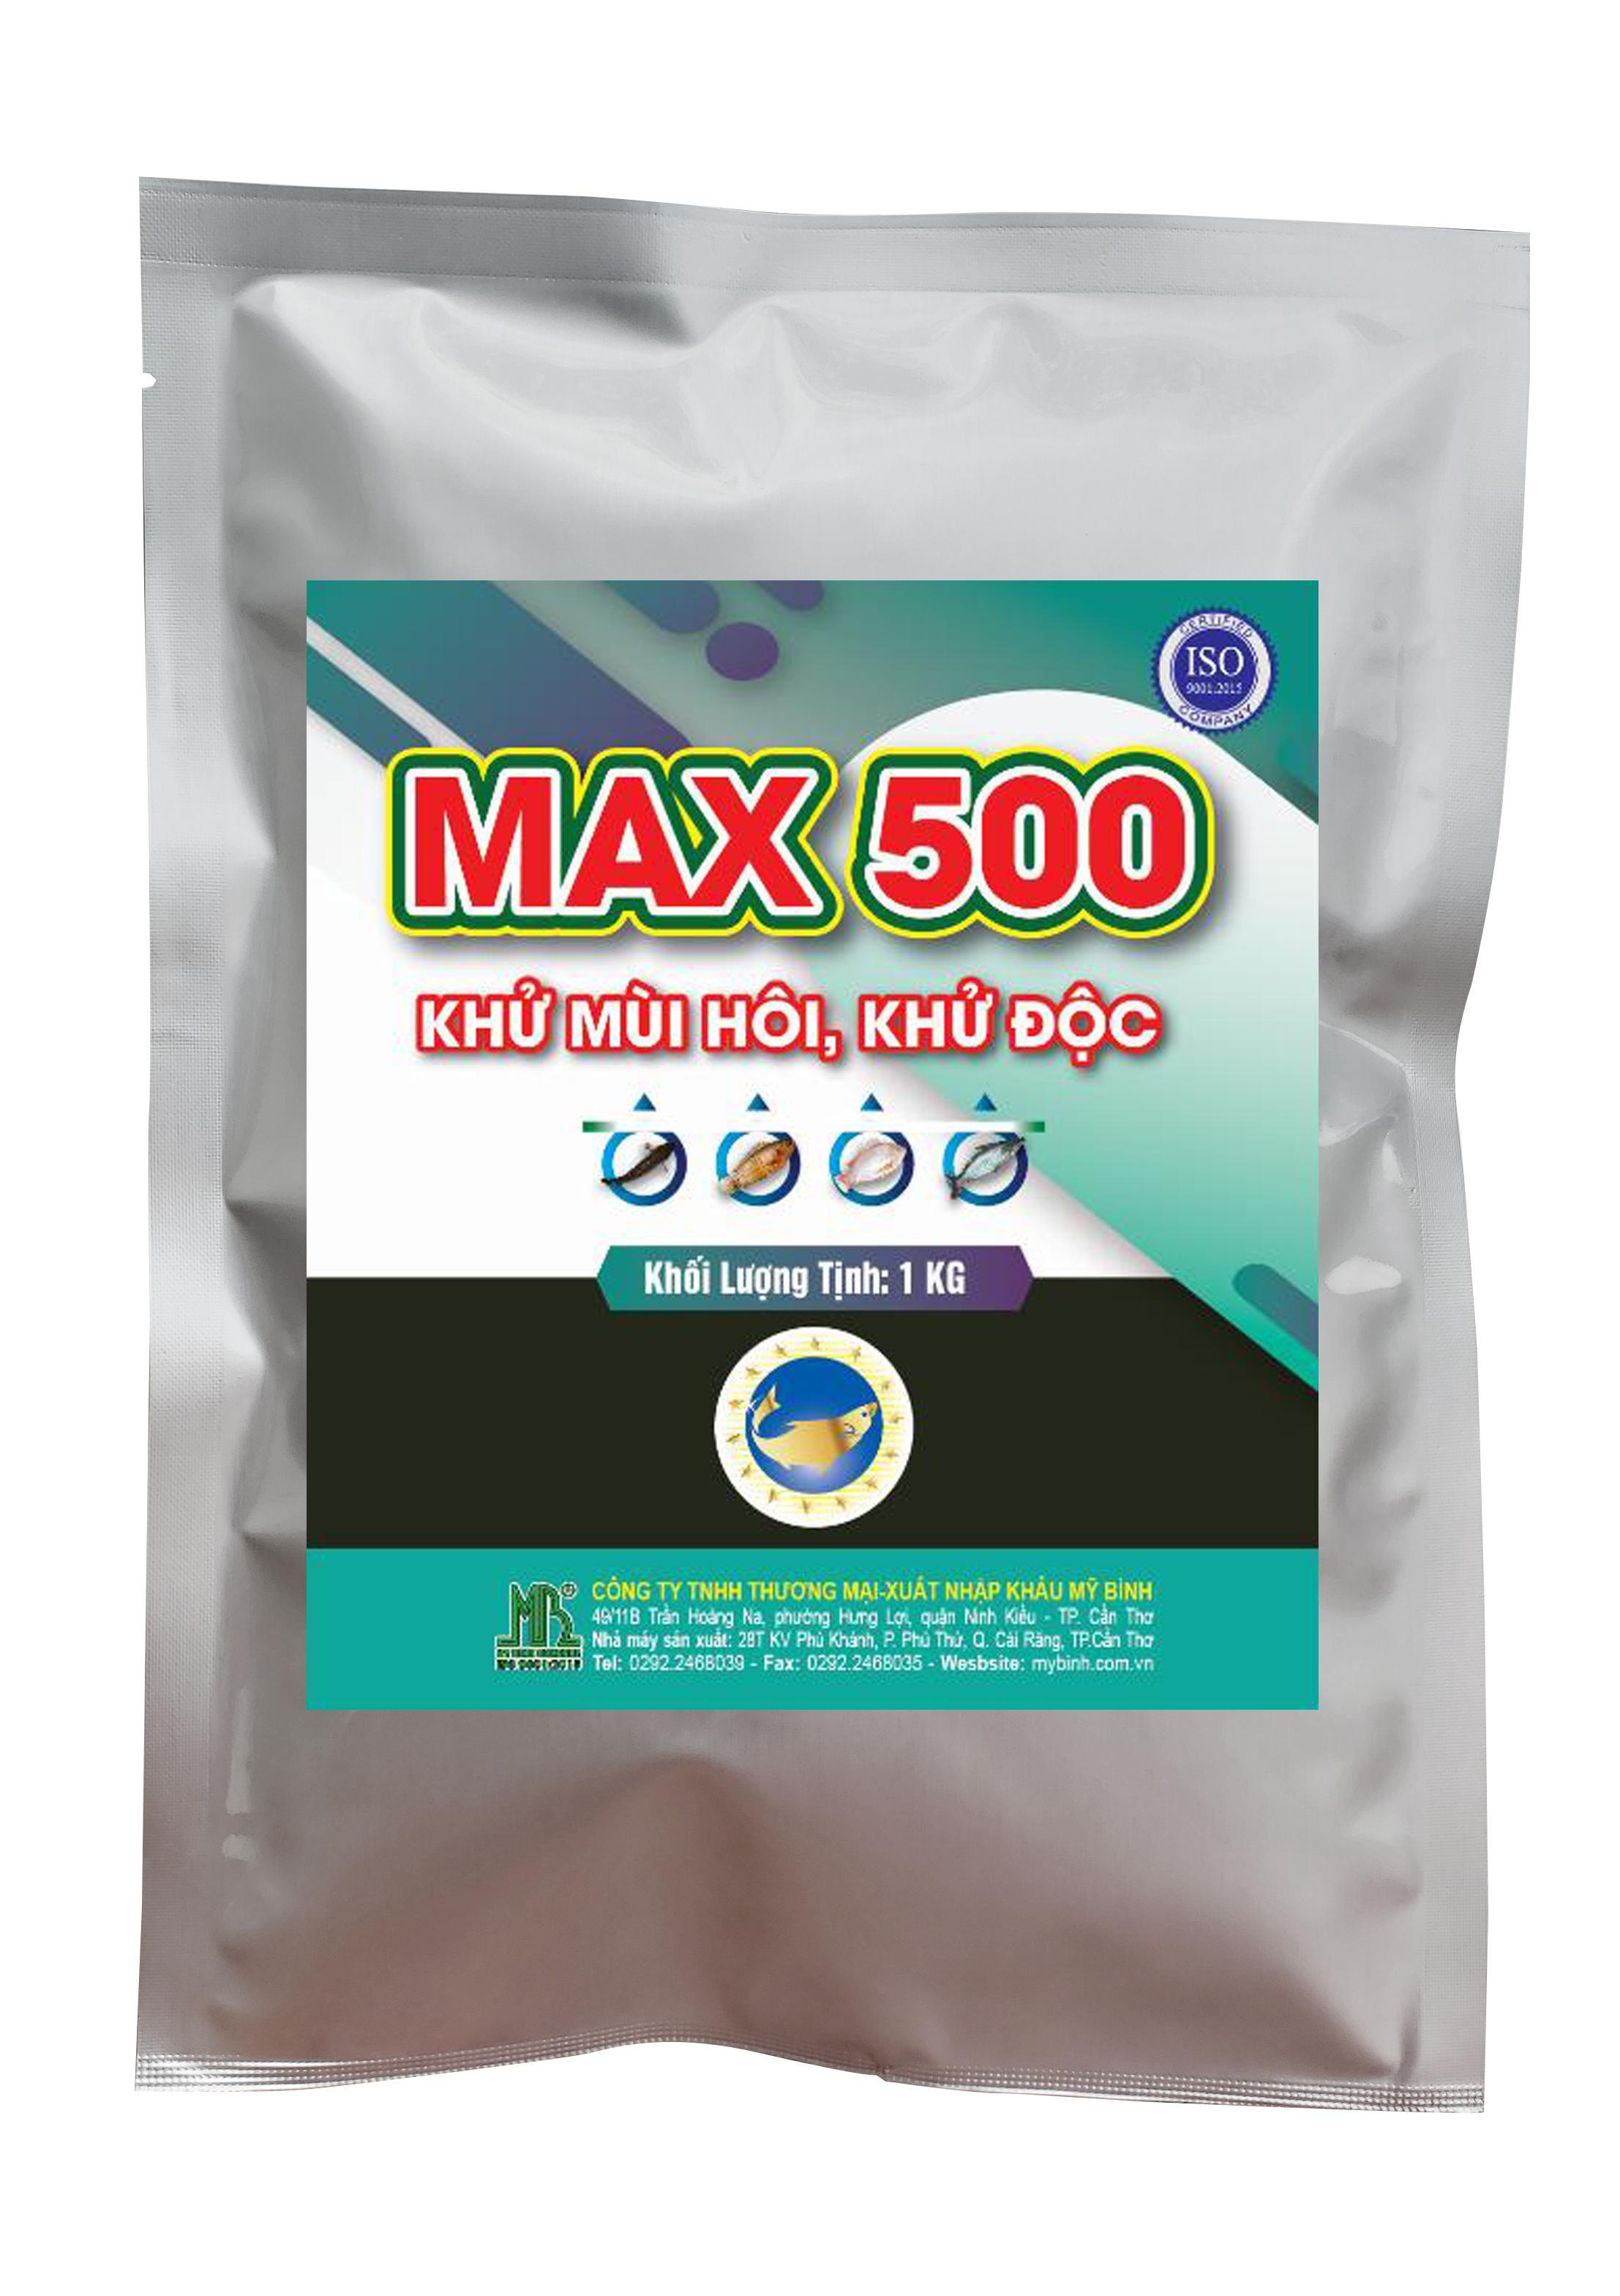 Max 500 - Khử mùi hôi, khử độc trong ao nuôi.